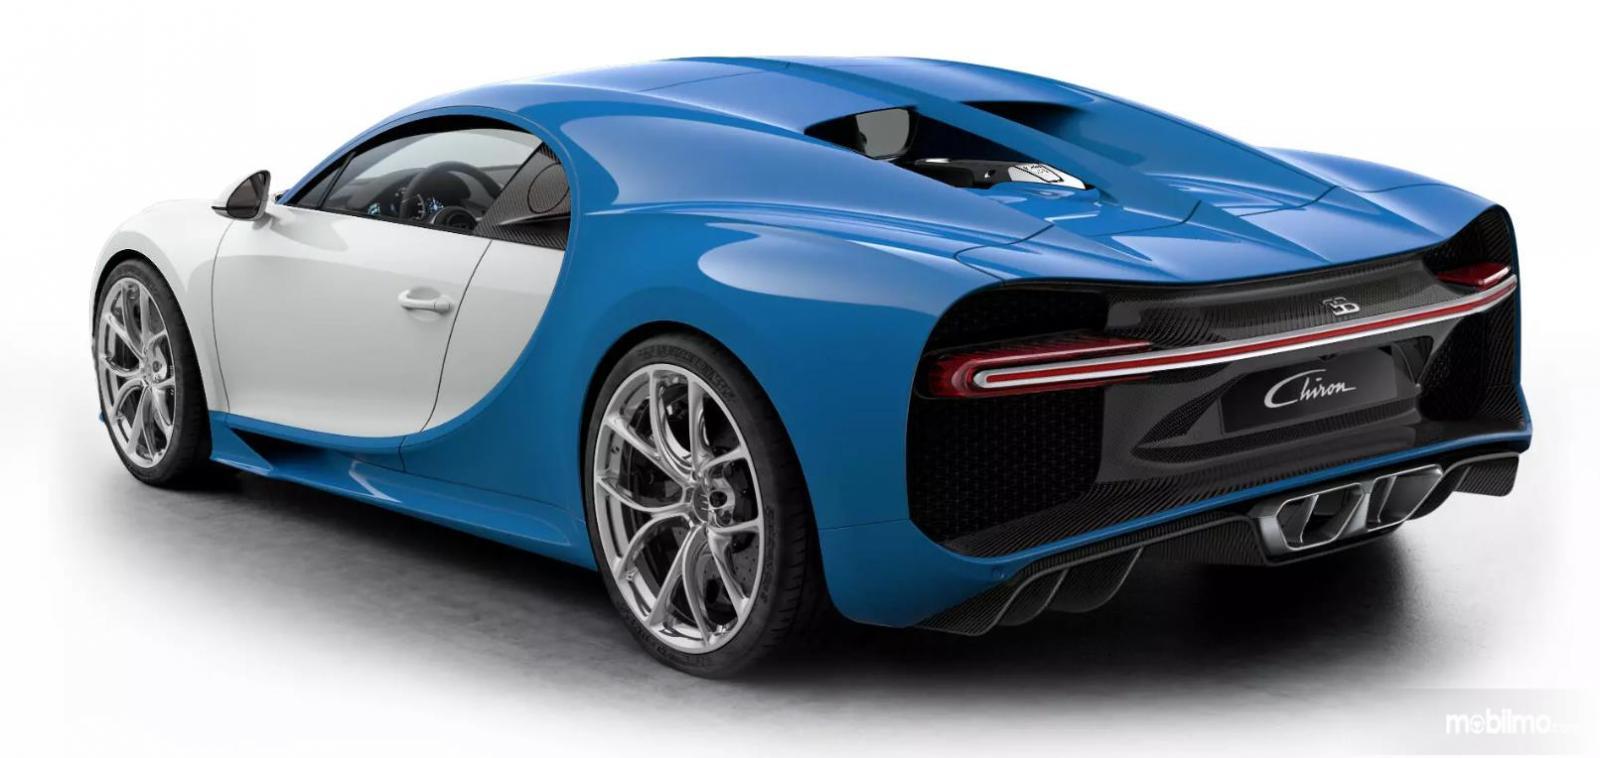 Foto Bugatti Chiron tampak dari samping belakang